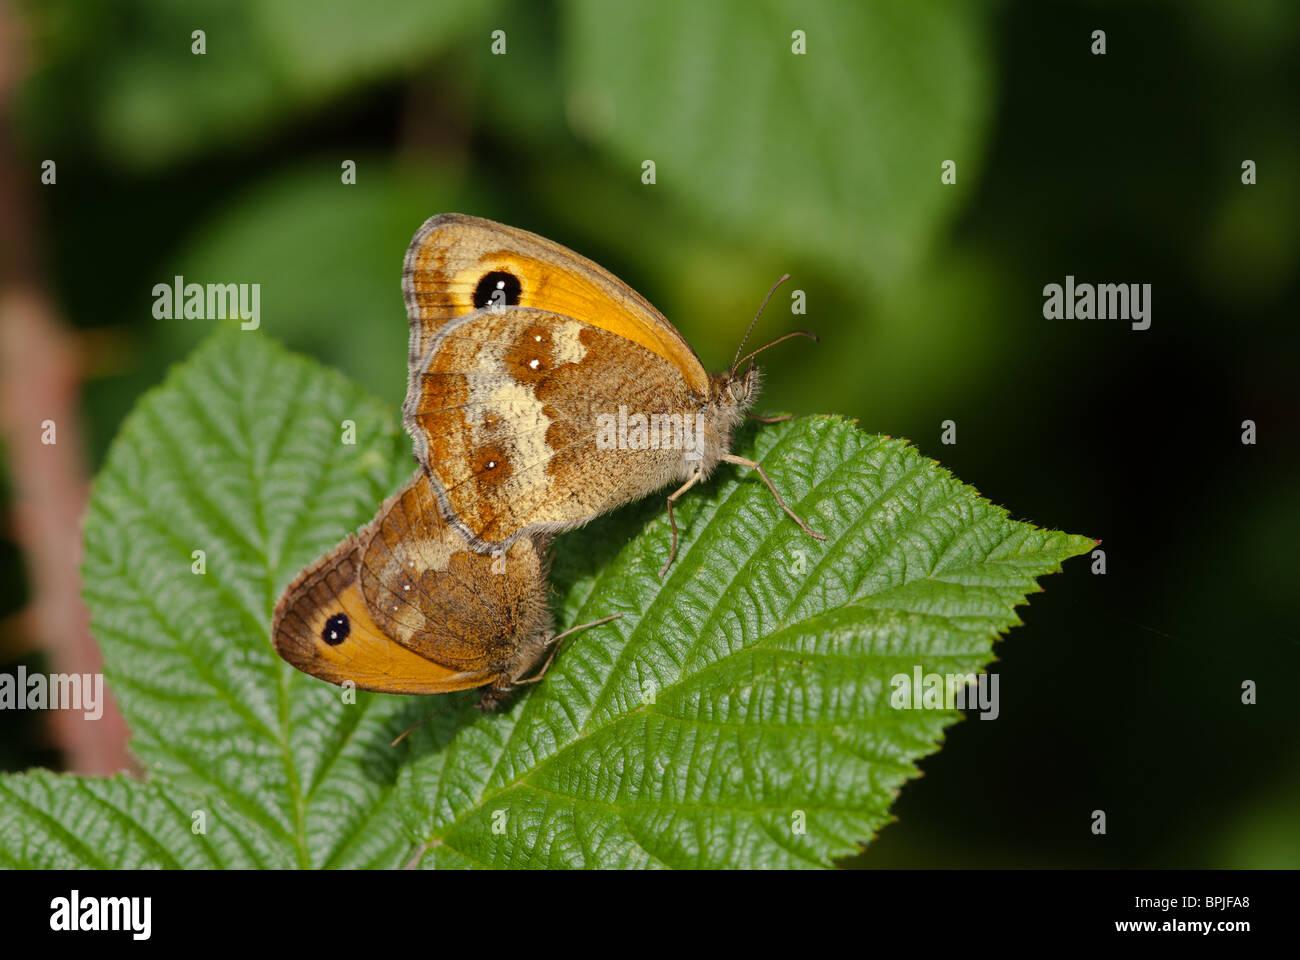 Paar Gatekeeper Schmetterlingen, Paarung Stockbild